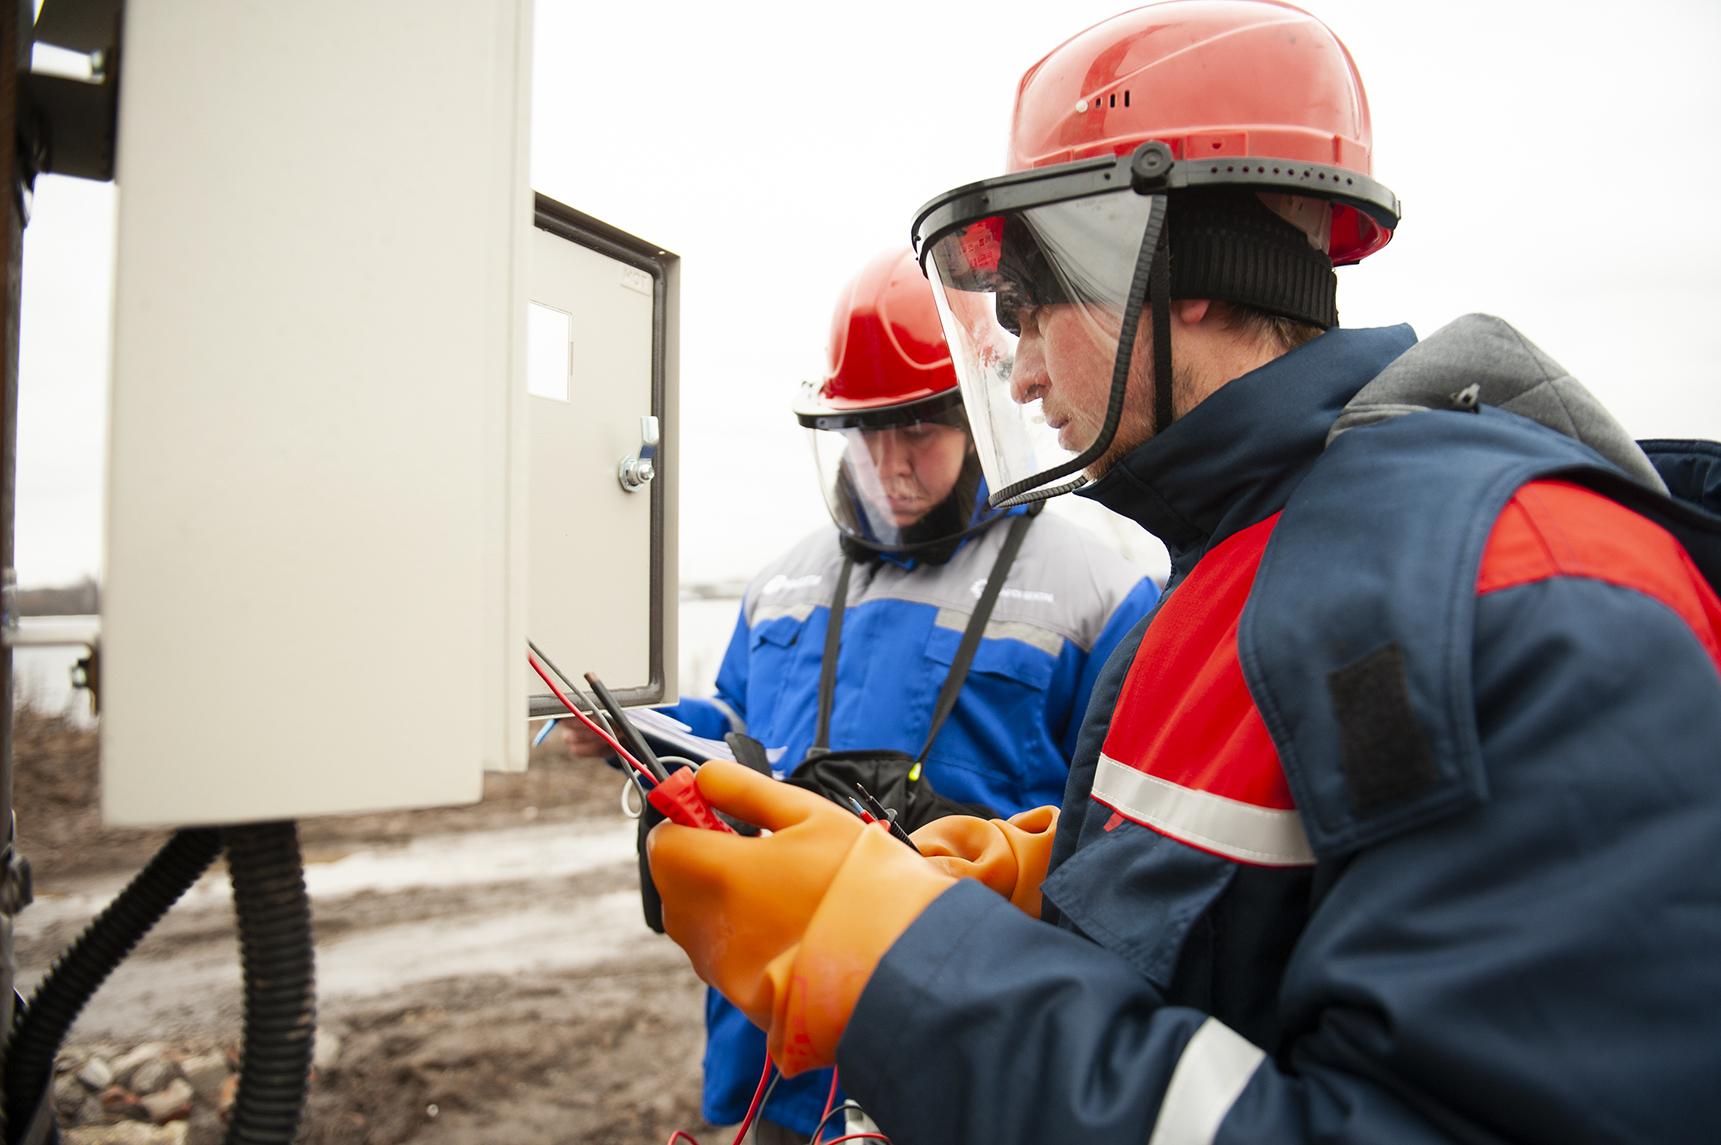 Ярэнерго обеспечило электроэнергией крупные предприятия АПК